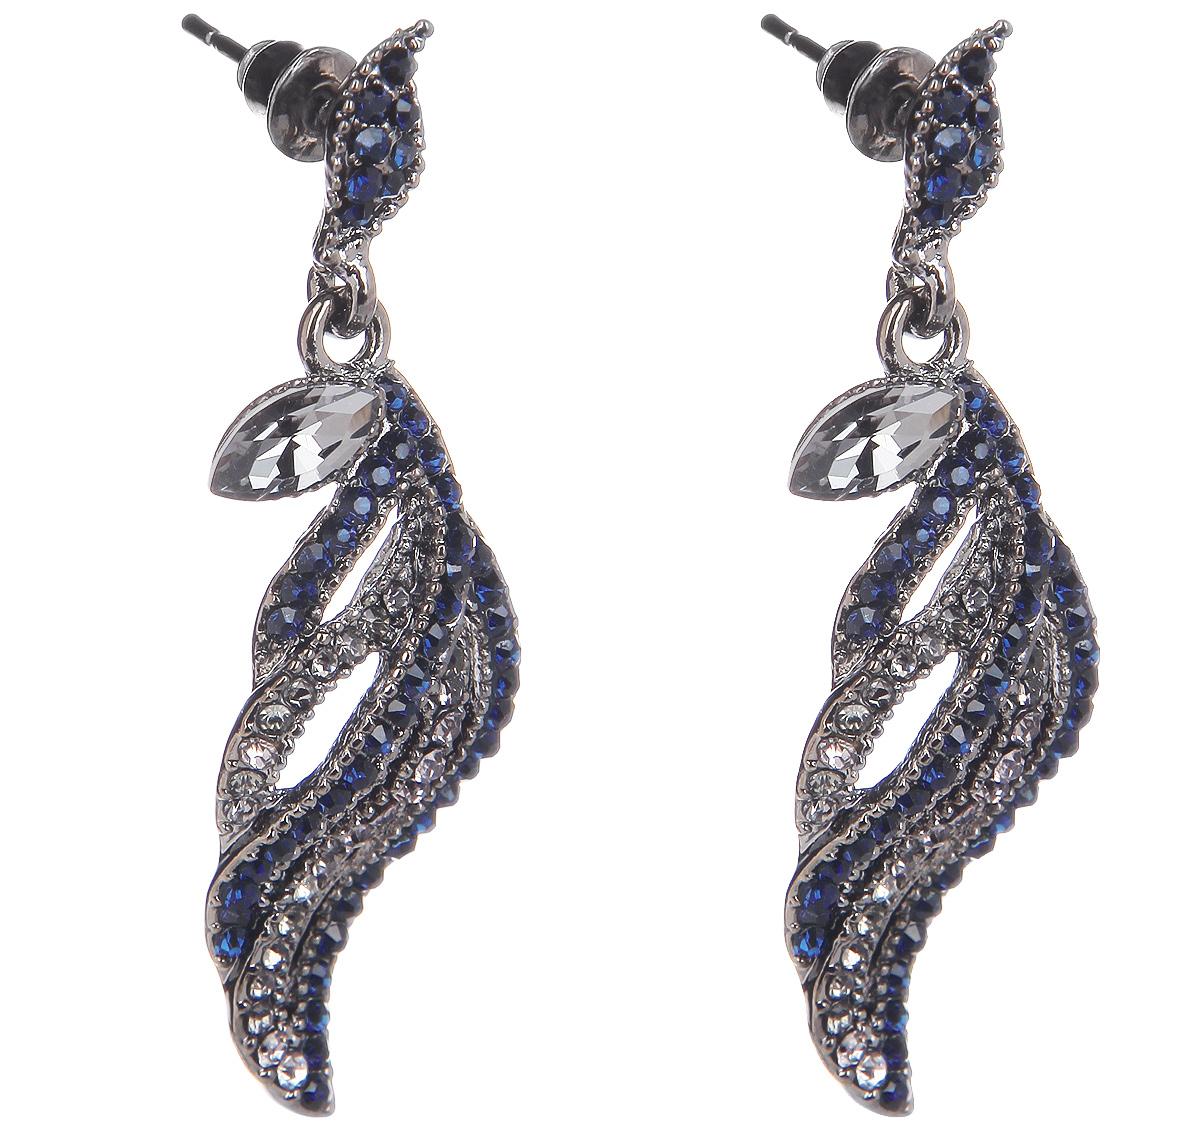 Серьги Fashion House, цвет: серебряный, синий. FH32230FH32230Оригинальные серьги Fashion House, выполненные из металла с серебристым покрытием в виде фигур оригинальной формы, украшены стразами синего и серебристого цветов. Серьги застегиваются на металлические заглушки. Изящные серьги придадут вашему образу изюминку, подчеркнут красоту и изящество вечернего платья или преобразят повседневный наряд. Такие серьги позволит вам с легкостью воплотить самую смелую фантазию и создать собственный, неповторимый образ.